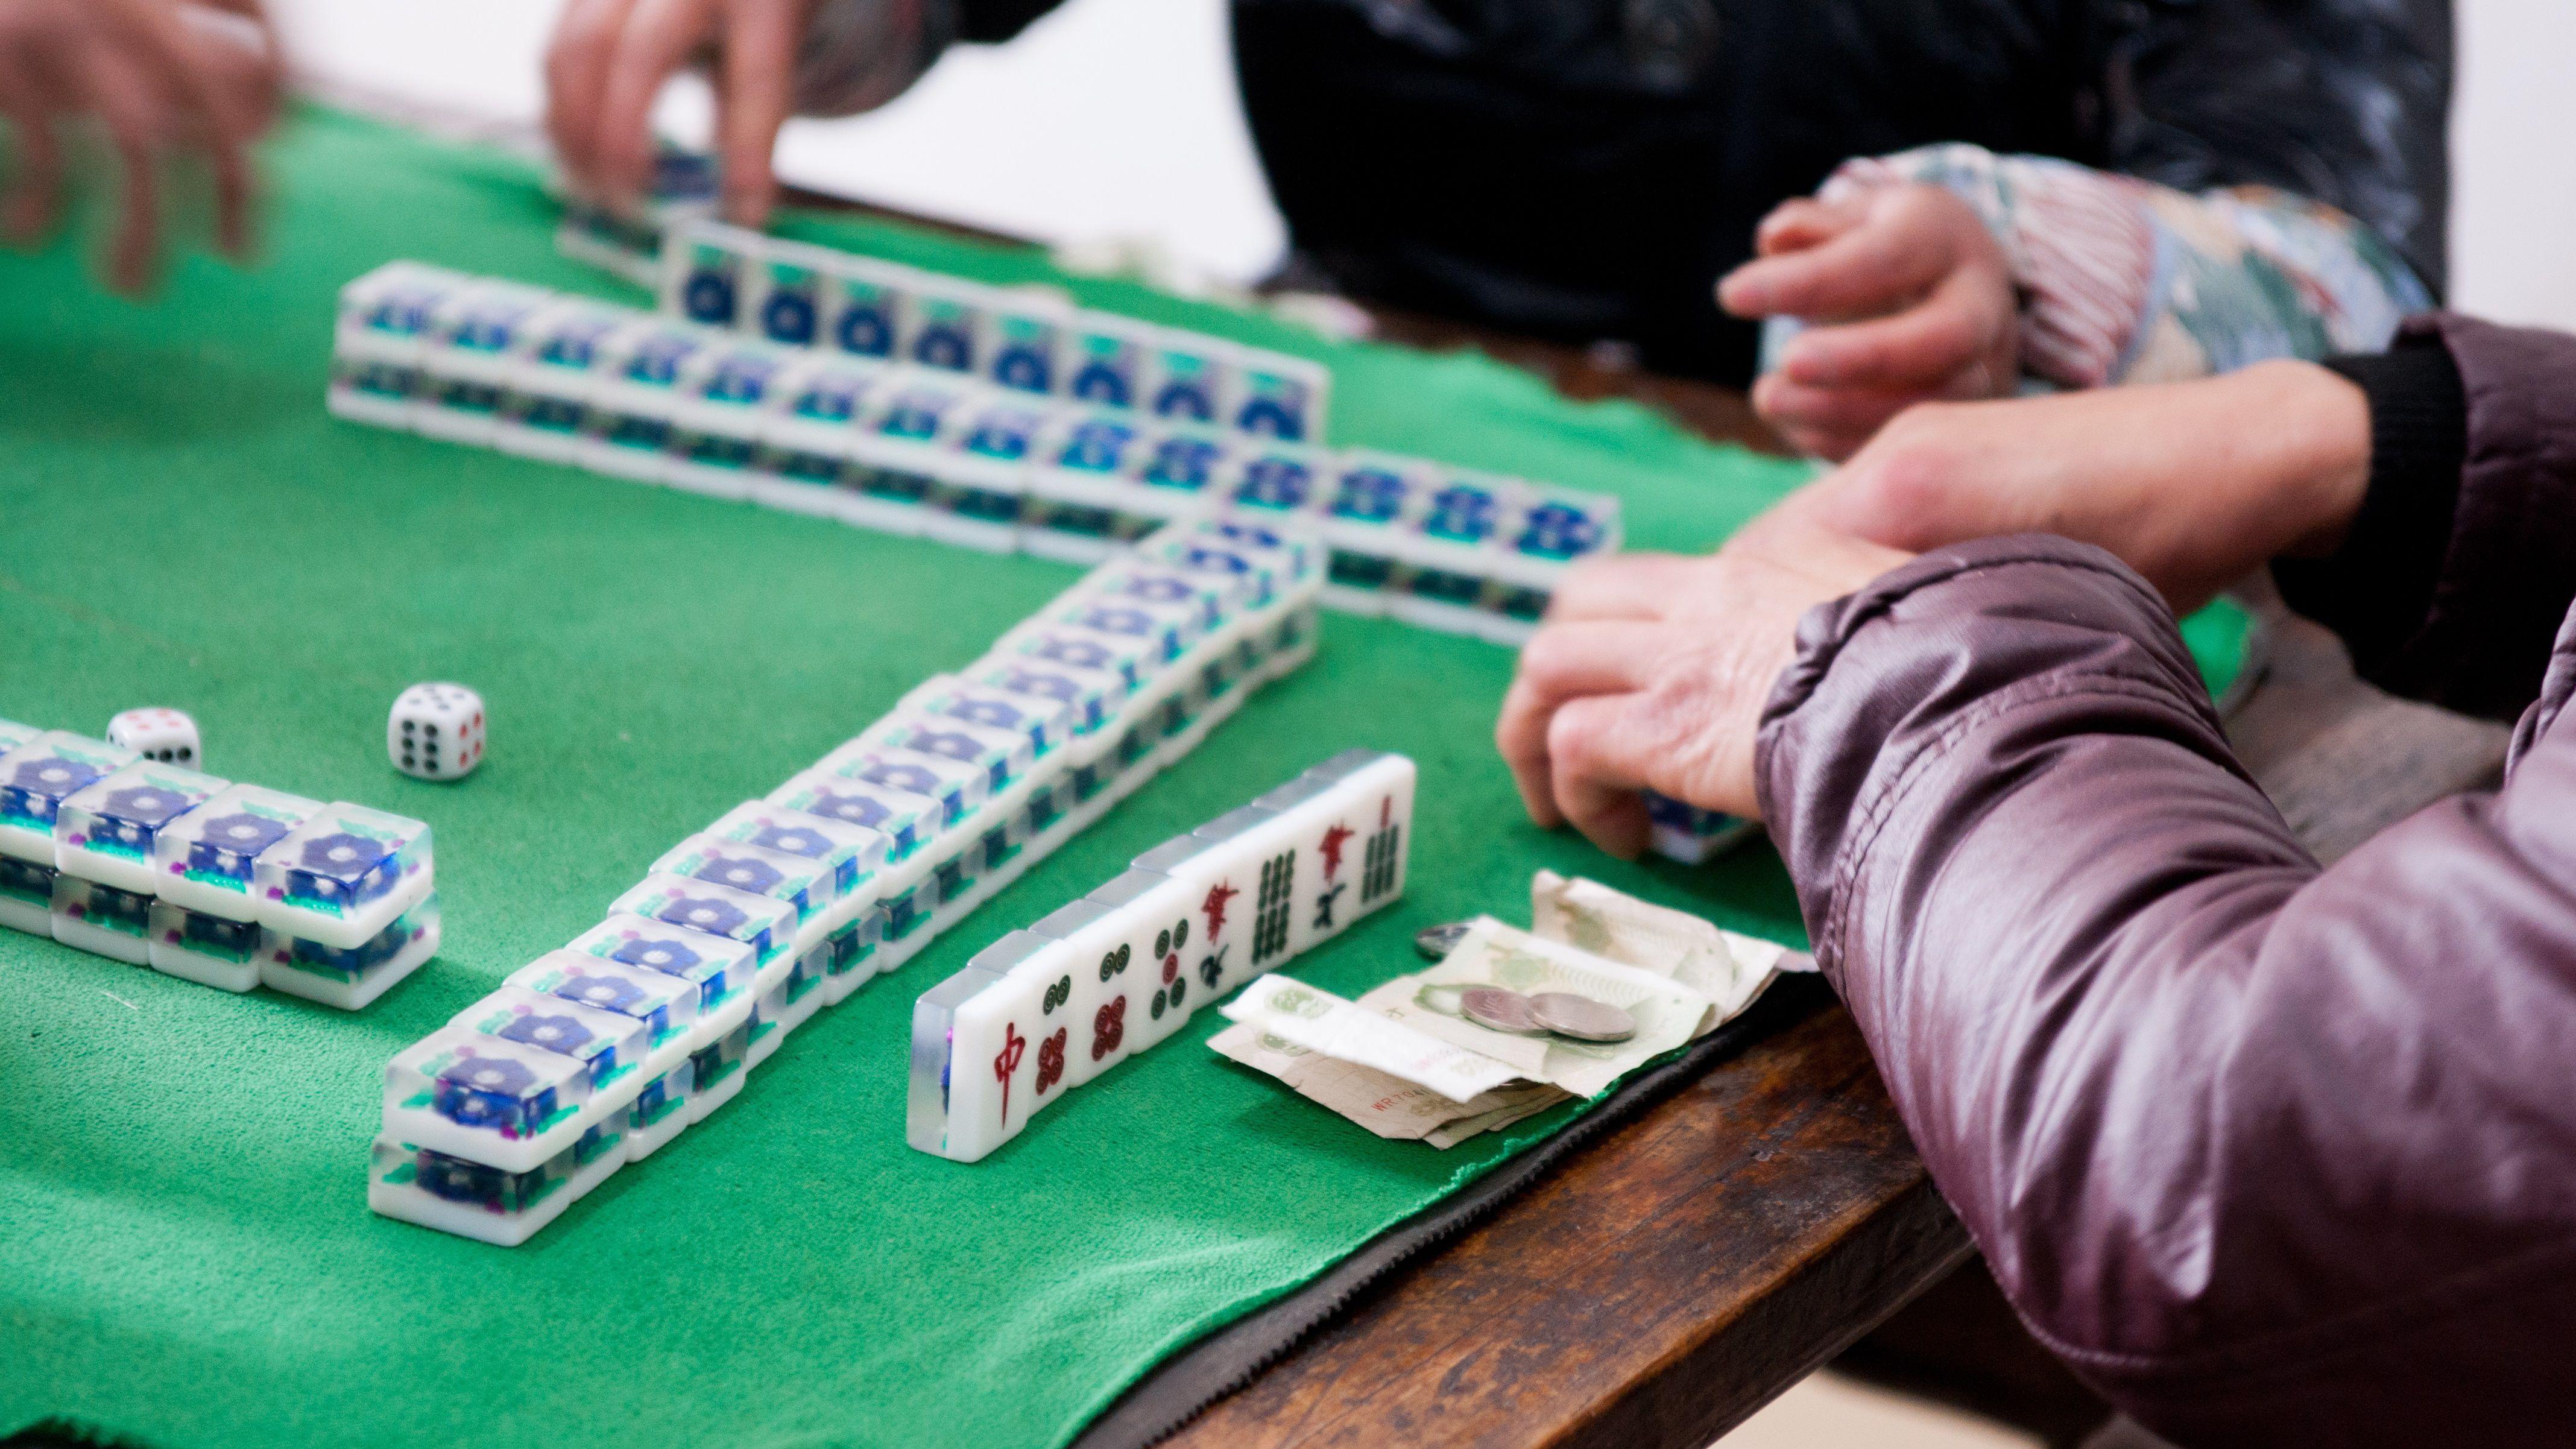 mahjong betting